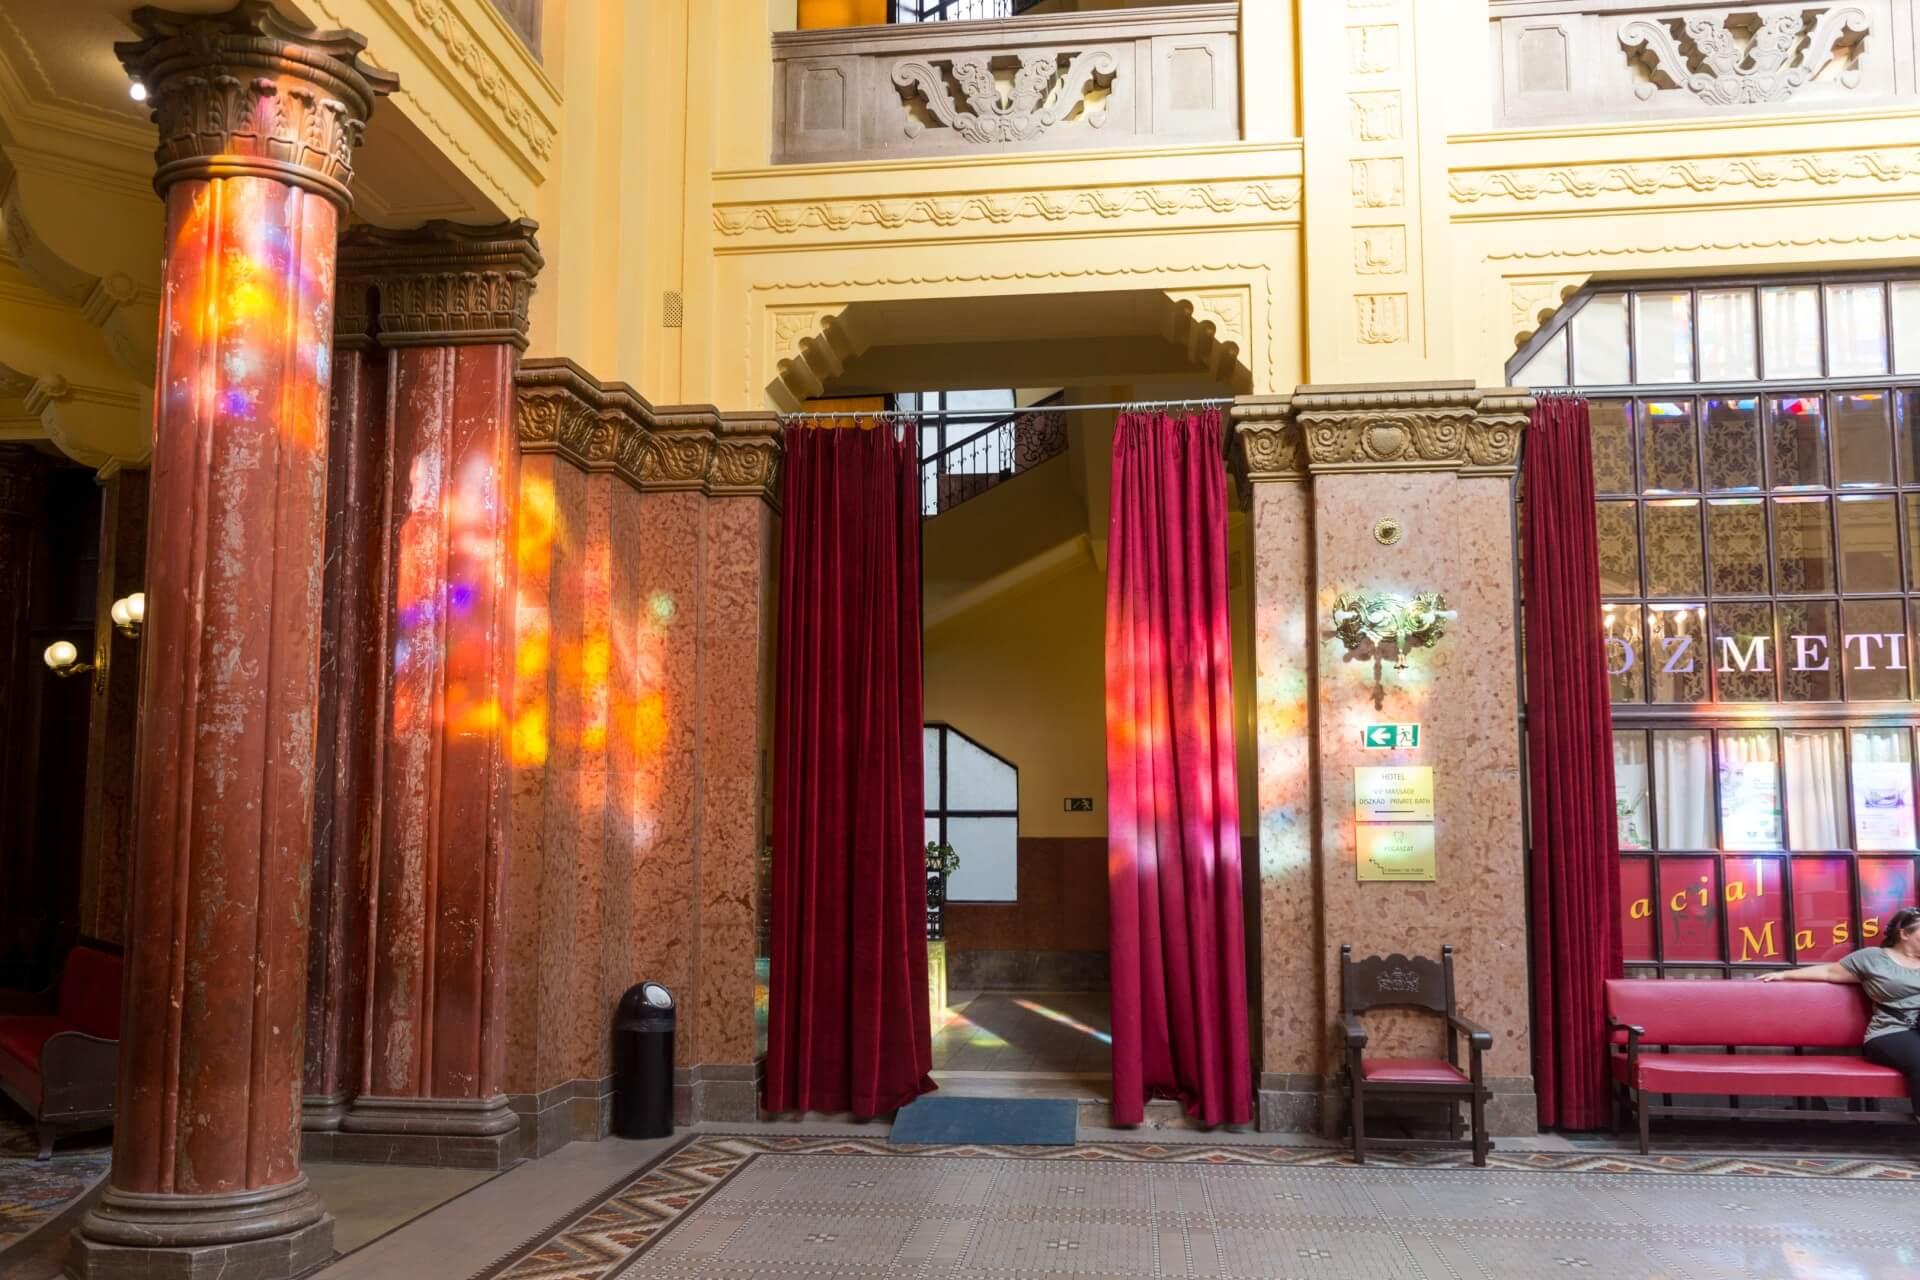 Farbspiel im Foyer vom Gellért-Bad